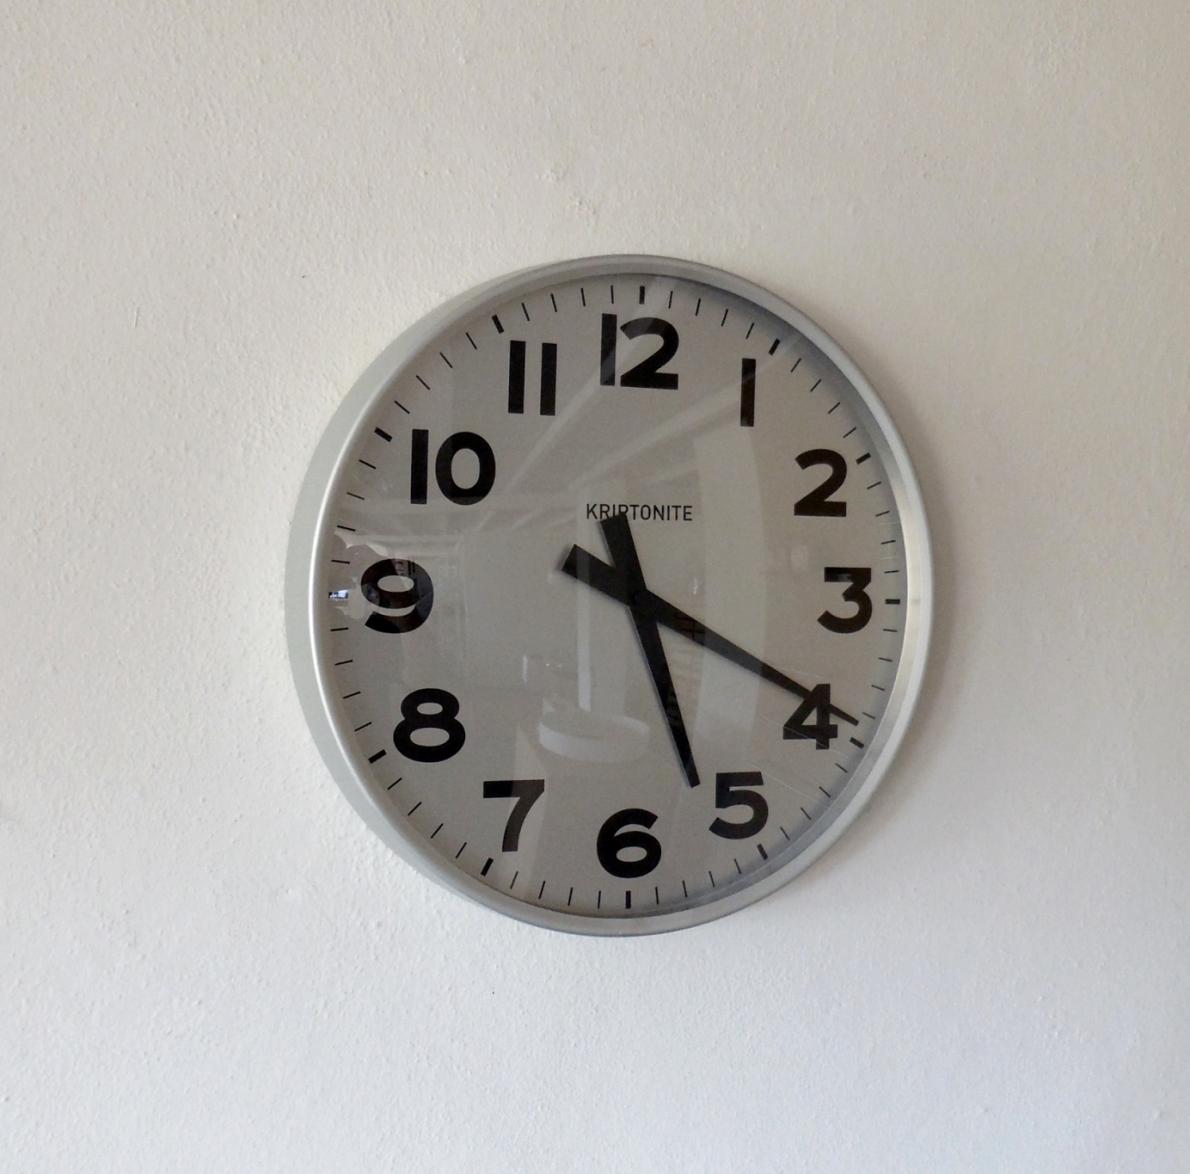 Complemento kriptonite orologio da parete alluminio design - Orologio design parete ...